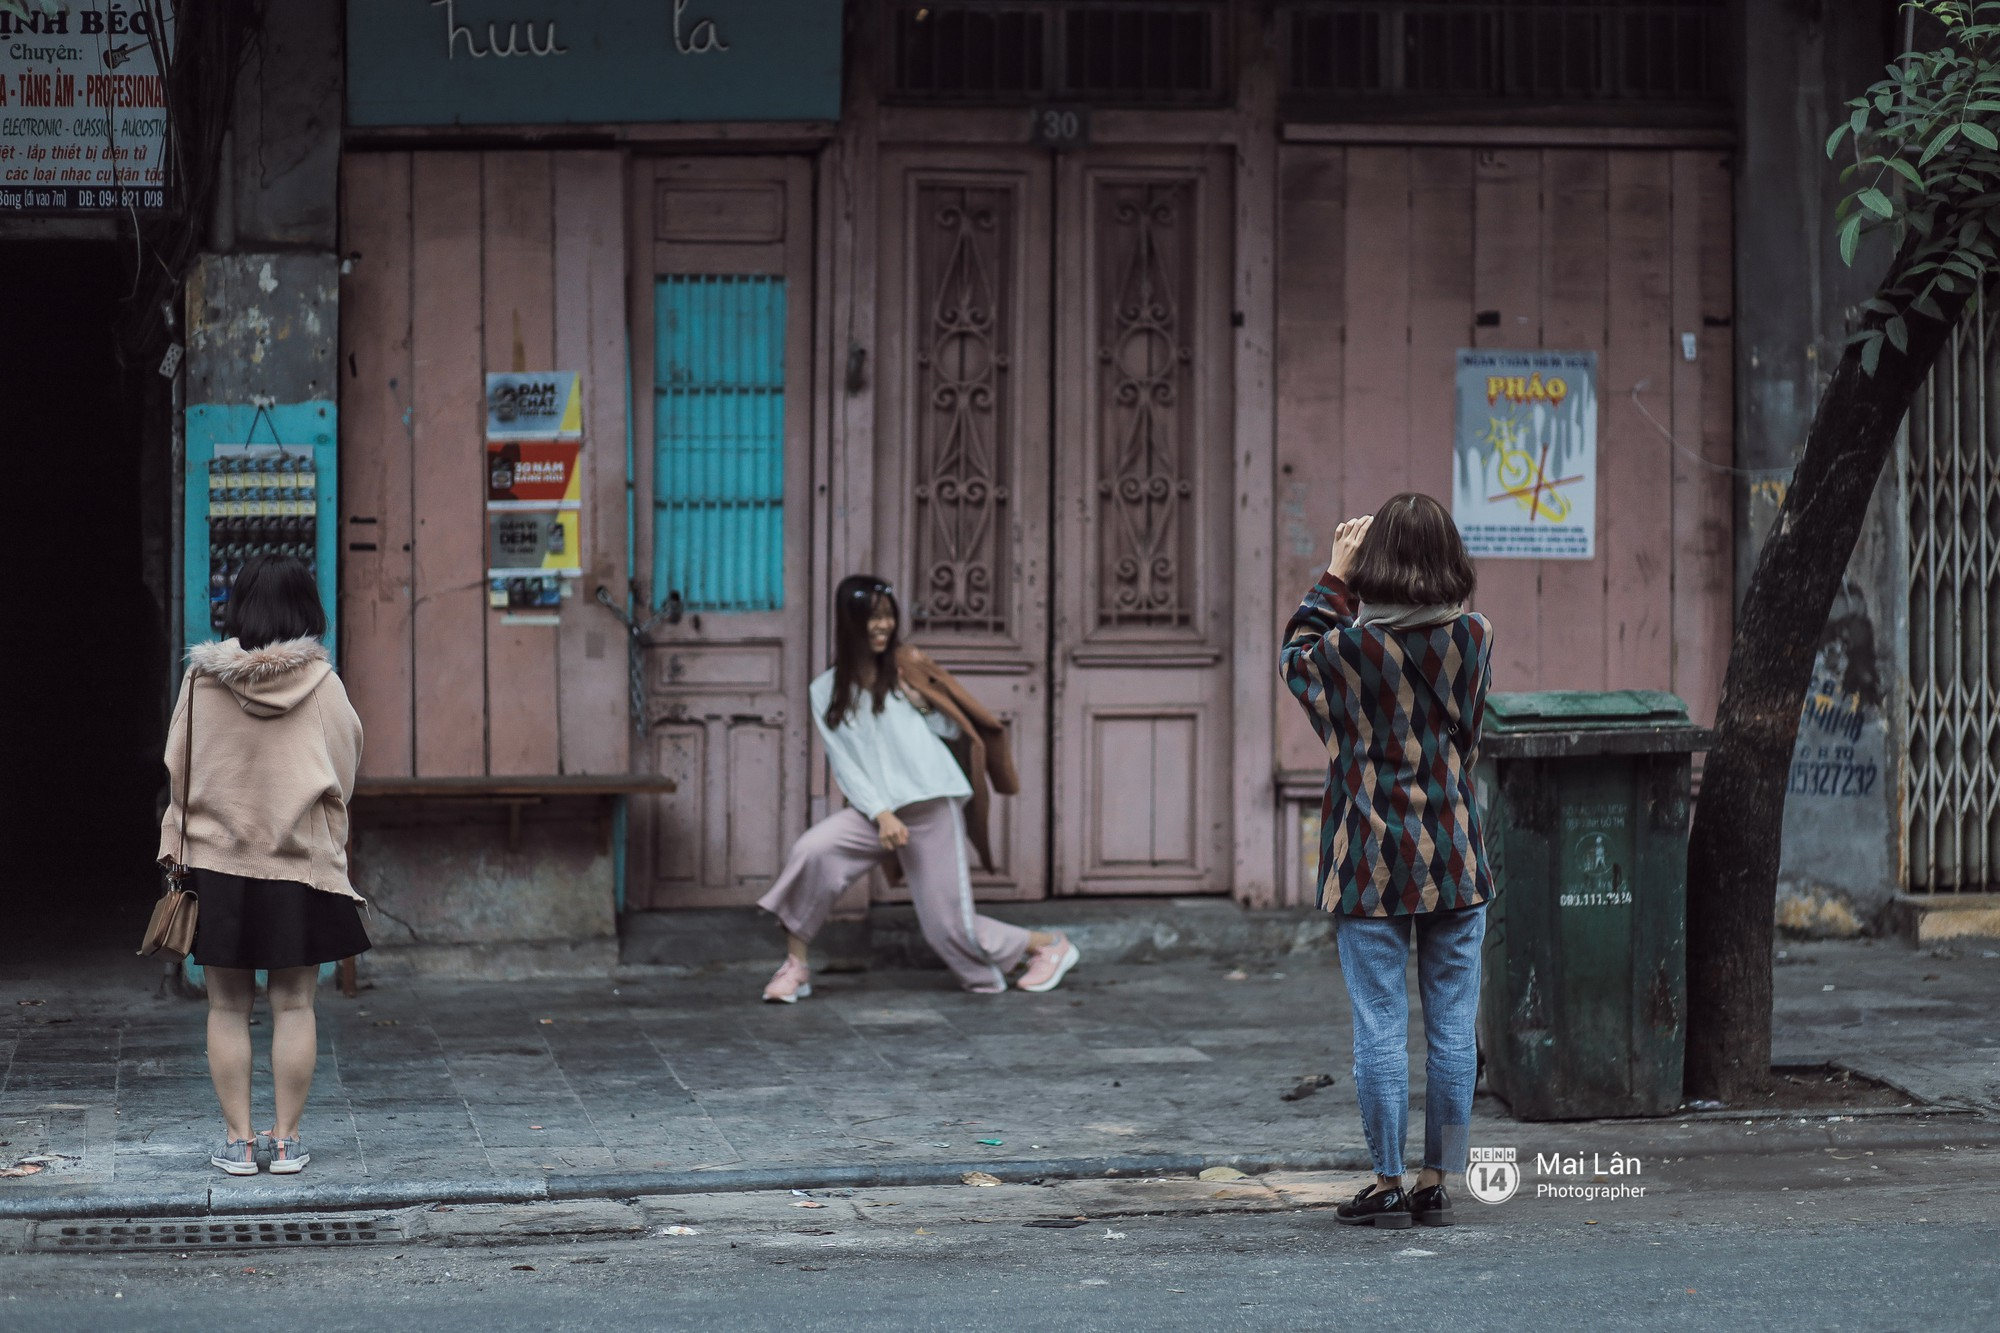 Sáng mùng 1 Tết Hà Nội: Vắng thế mà sao yêu thế! - Ảnh 4.